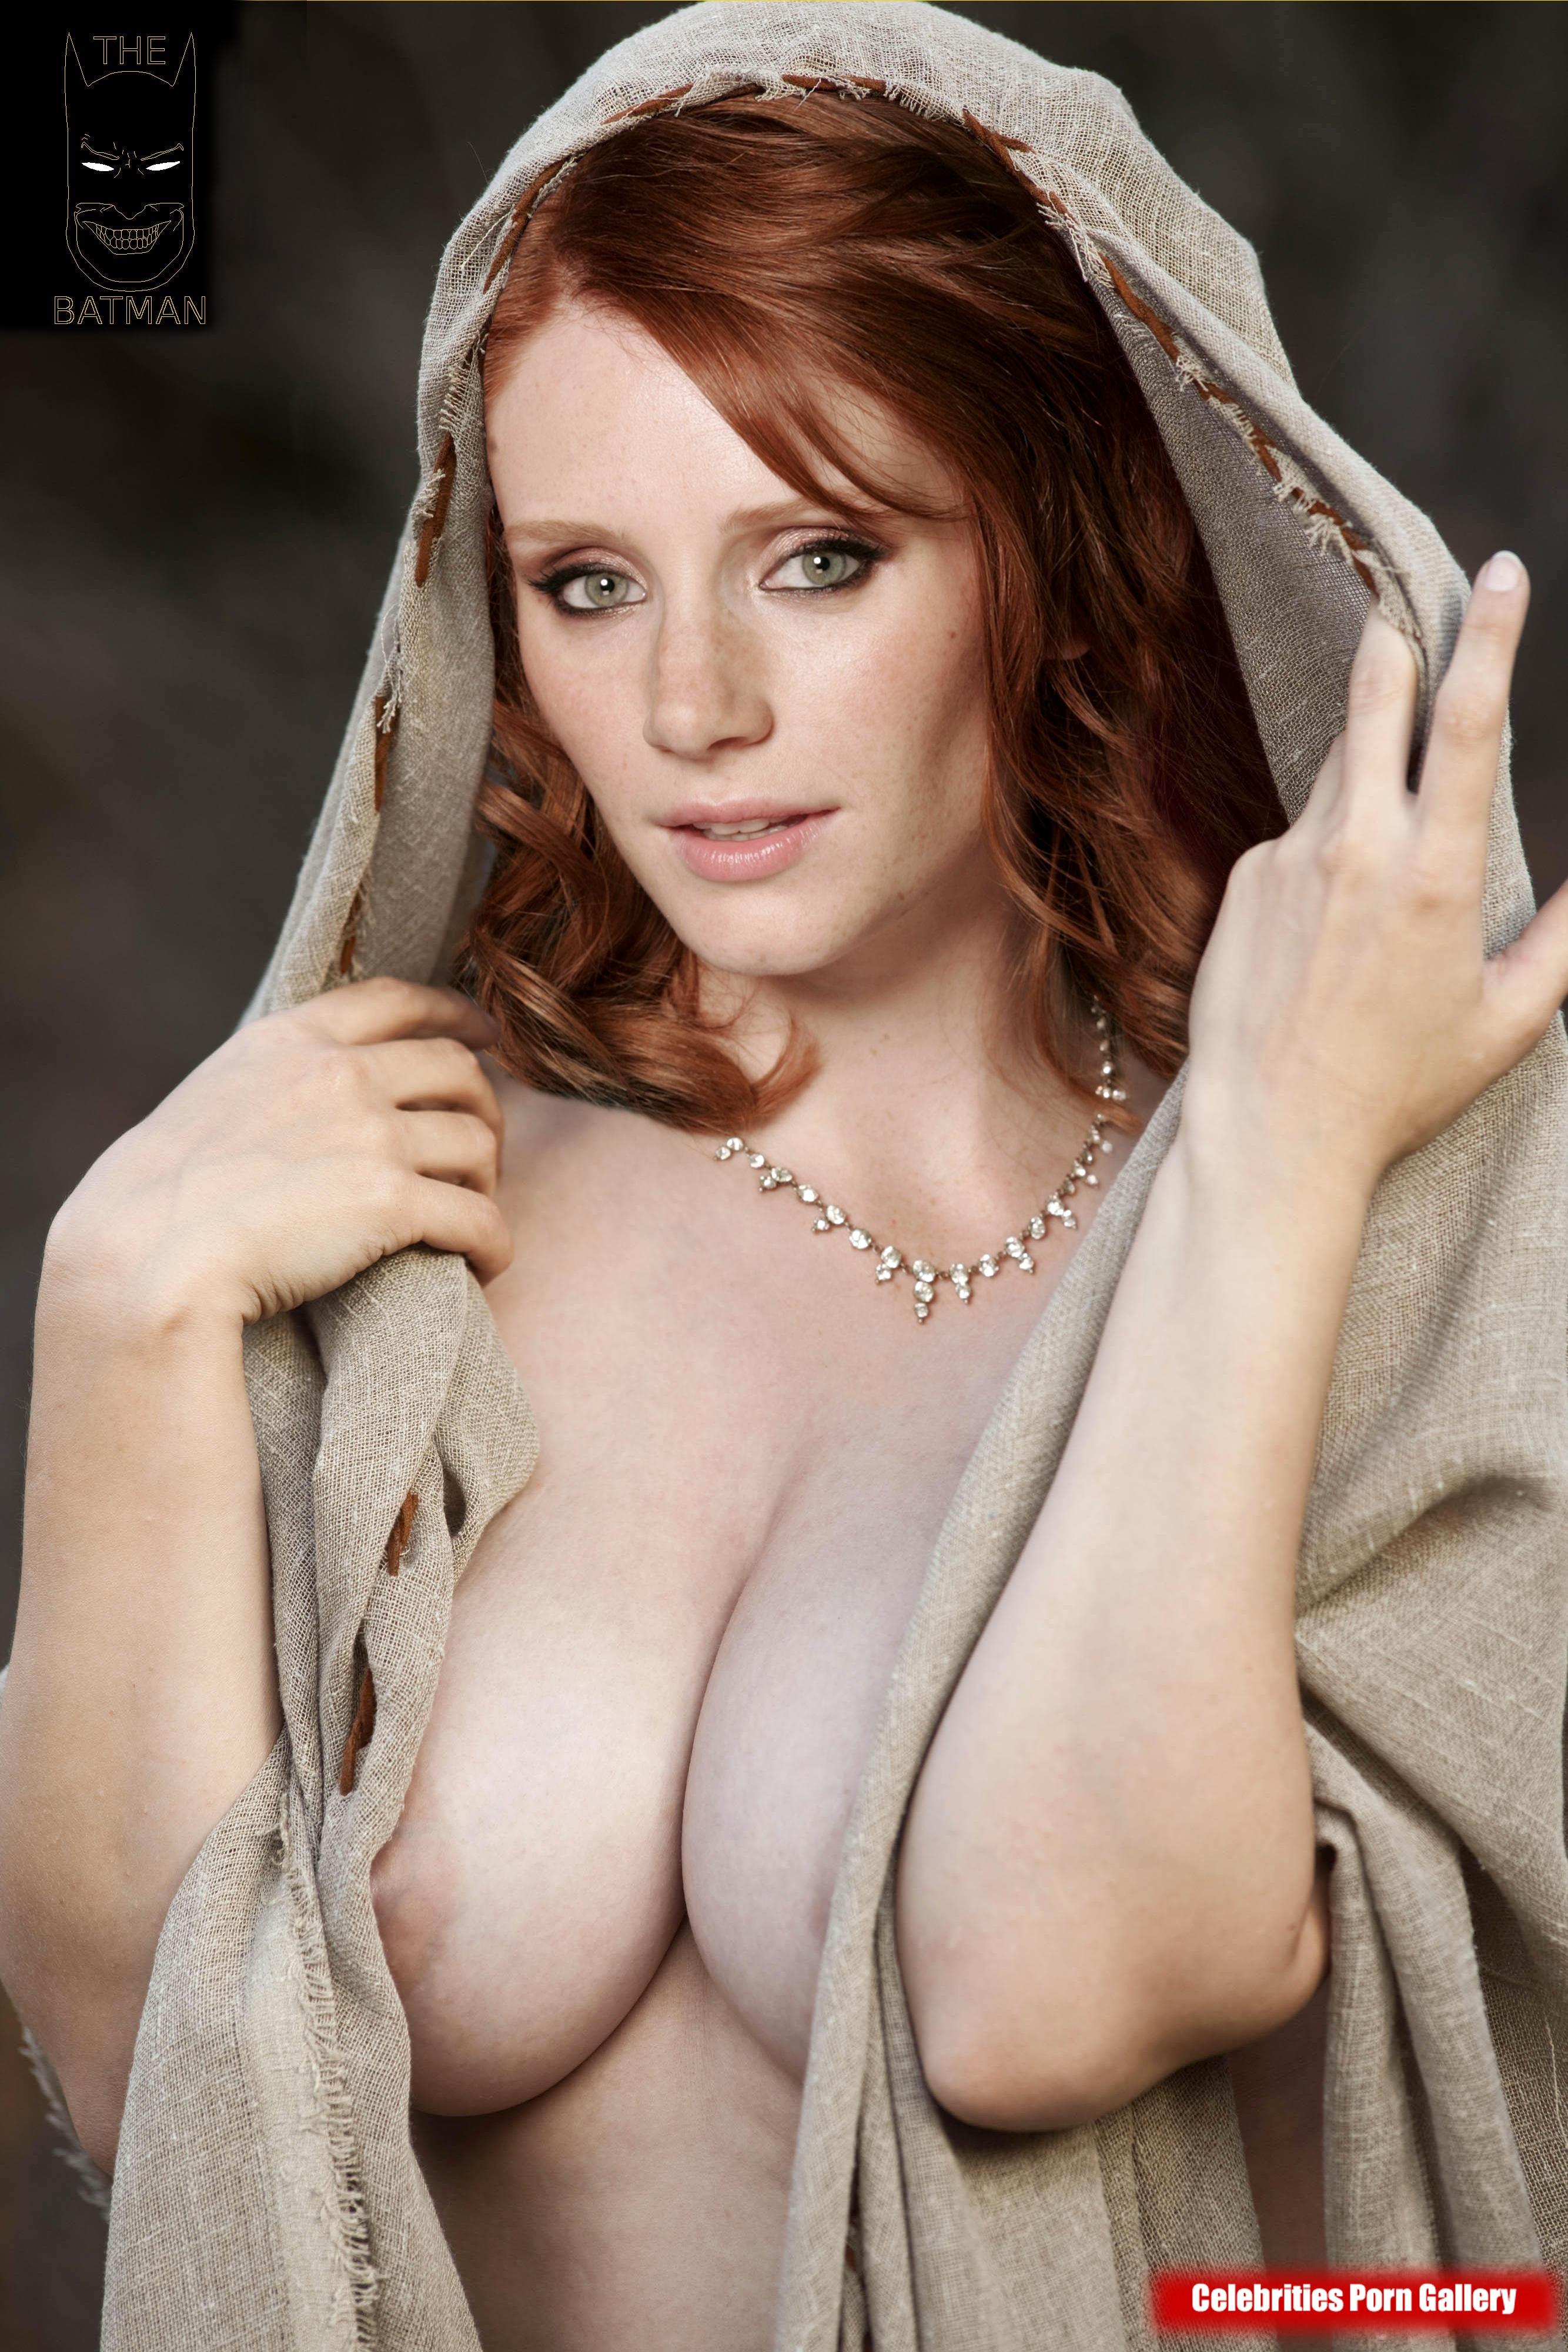 havana ginger naked pics